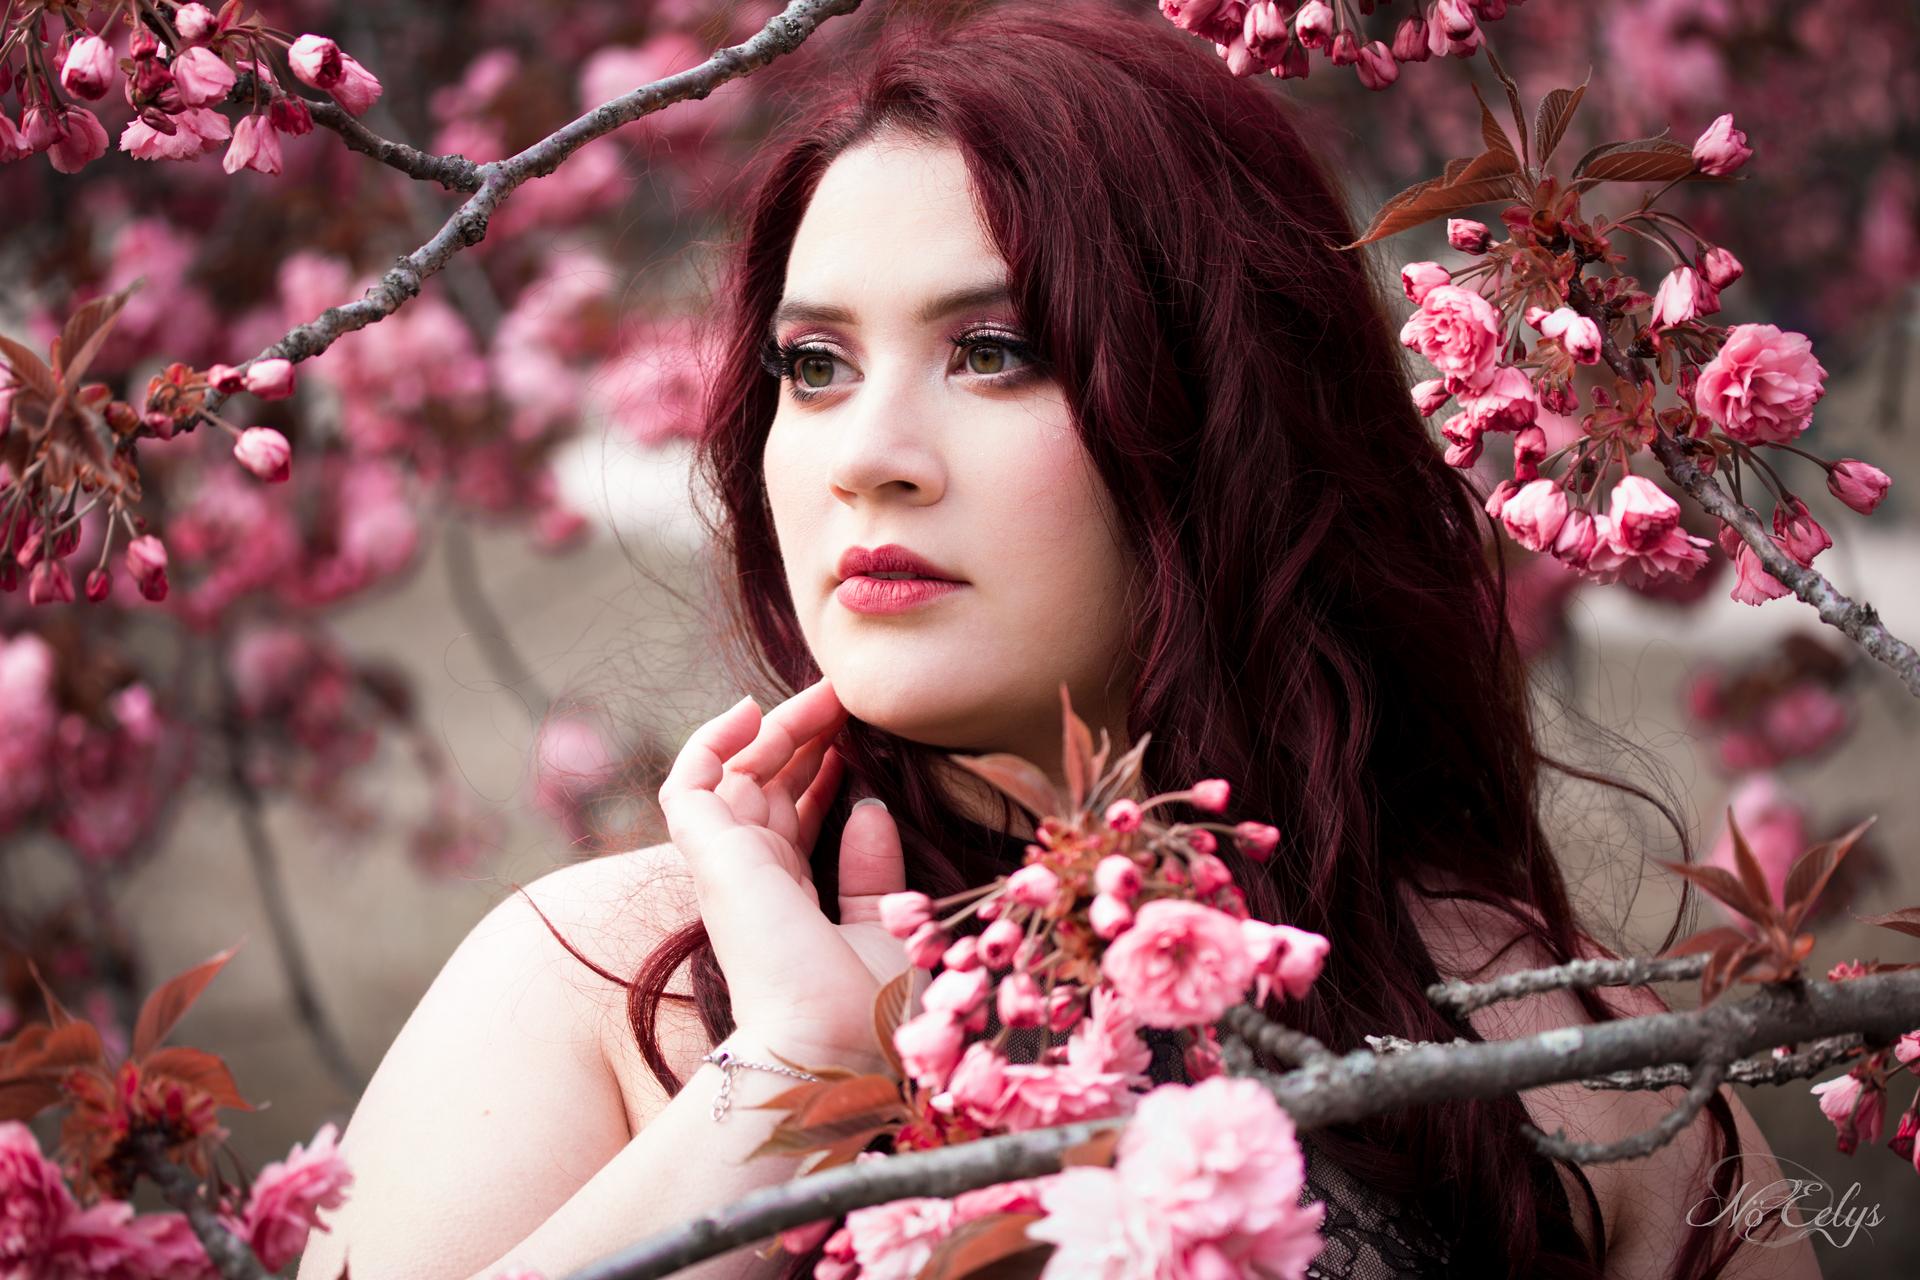 Portrait doux et romantique avec fleurs de cerisiers, modèle alternative Findelë's Secrets, photographe Nö Eelys